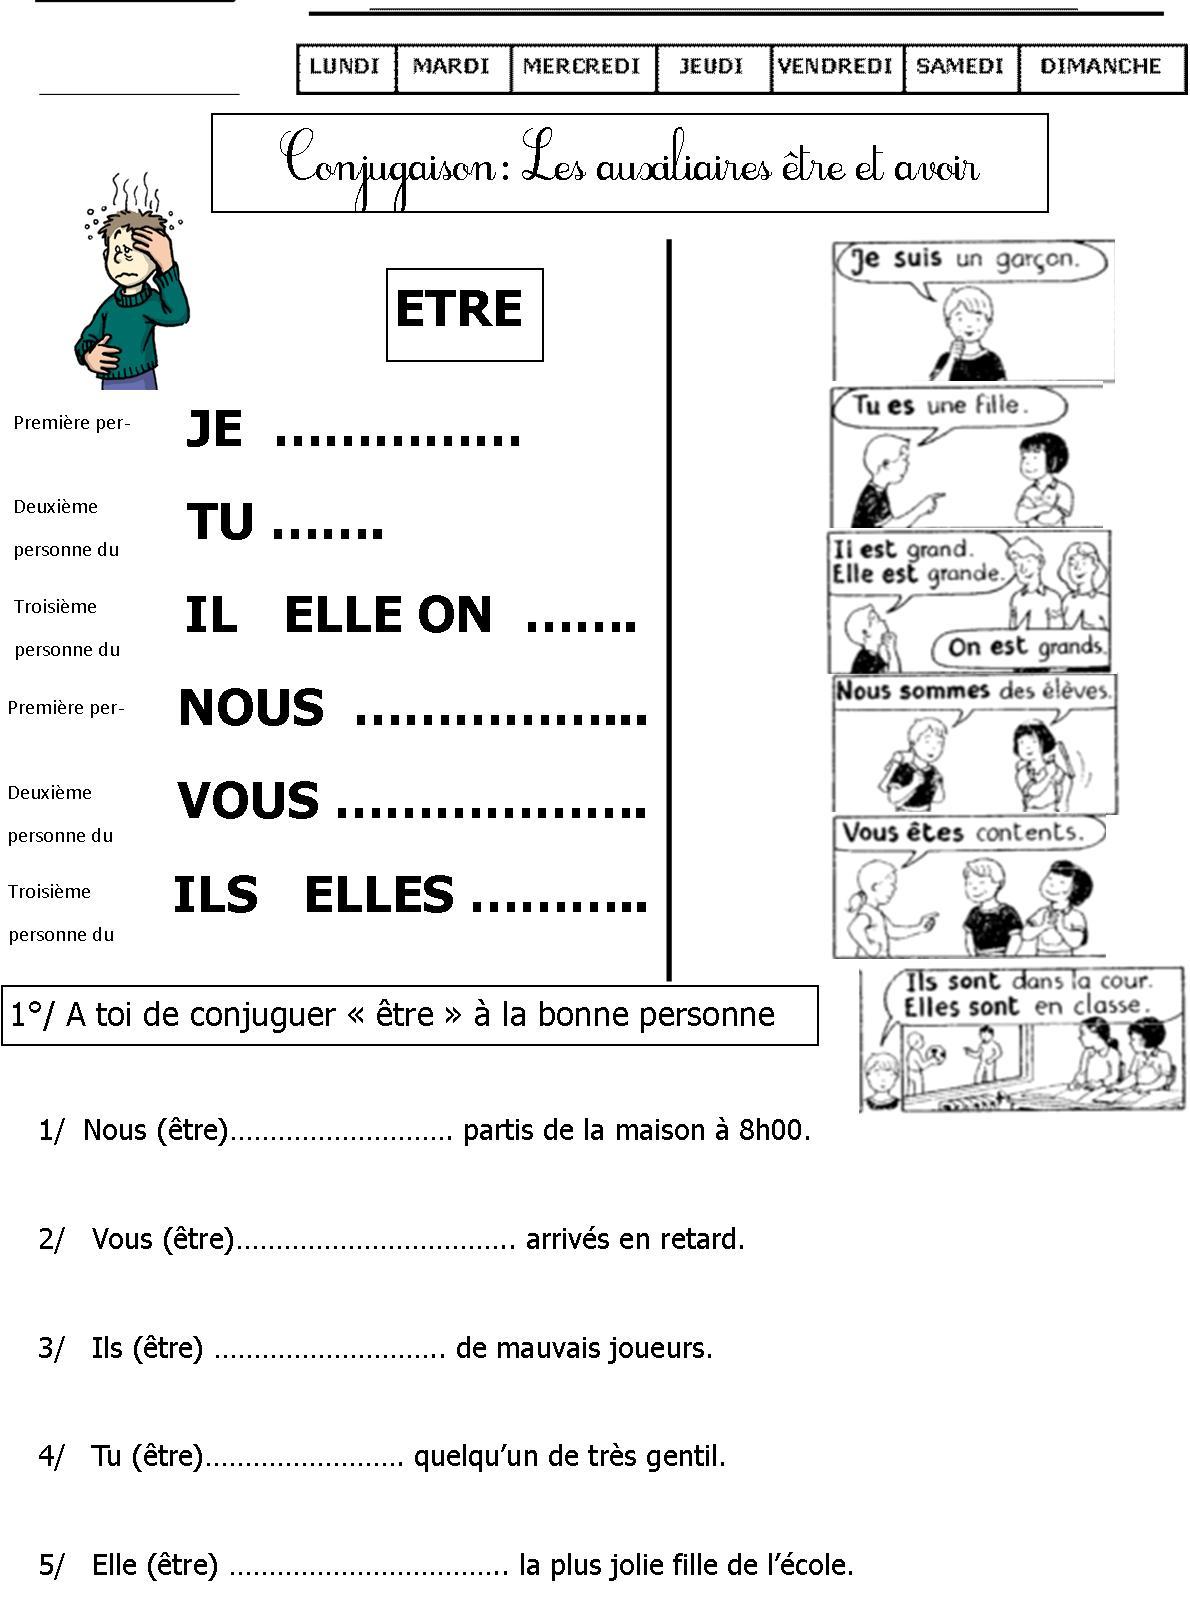 Exercices De Conjugaison Ce1 | Le Blog De Monsieur Mathieu avec Exercice De Ce2 Gratuit